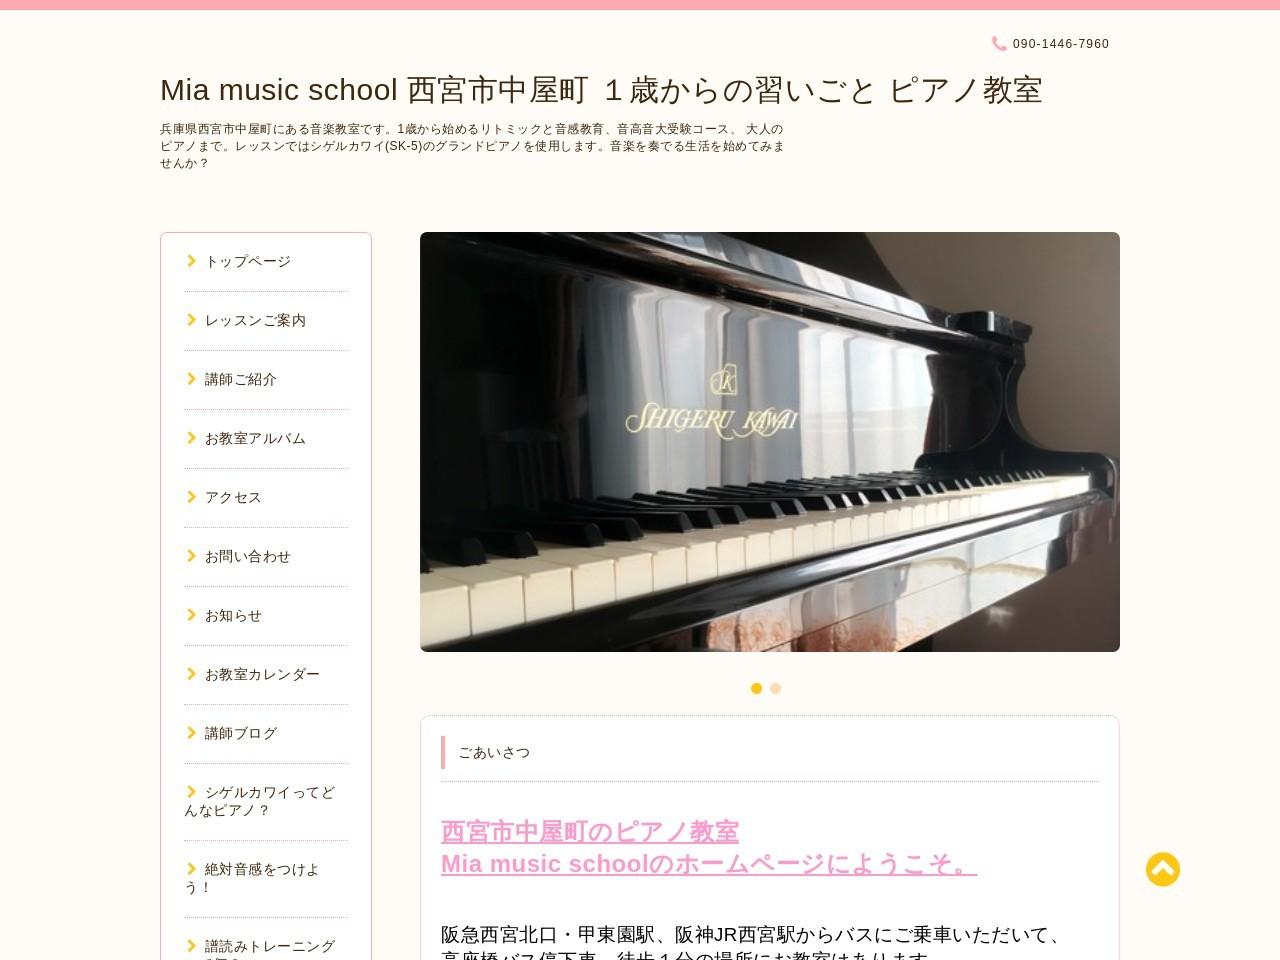 Mia music school のサムネイル